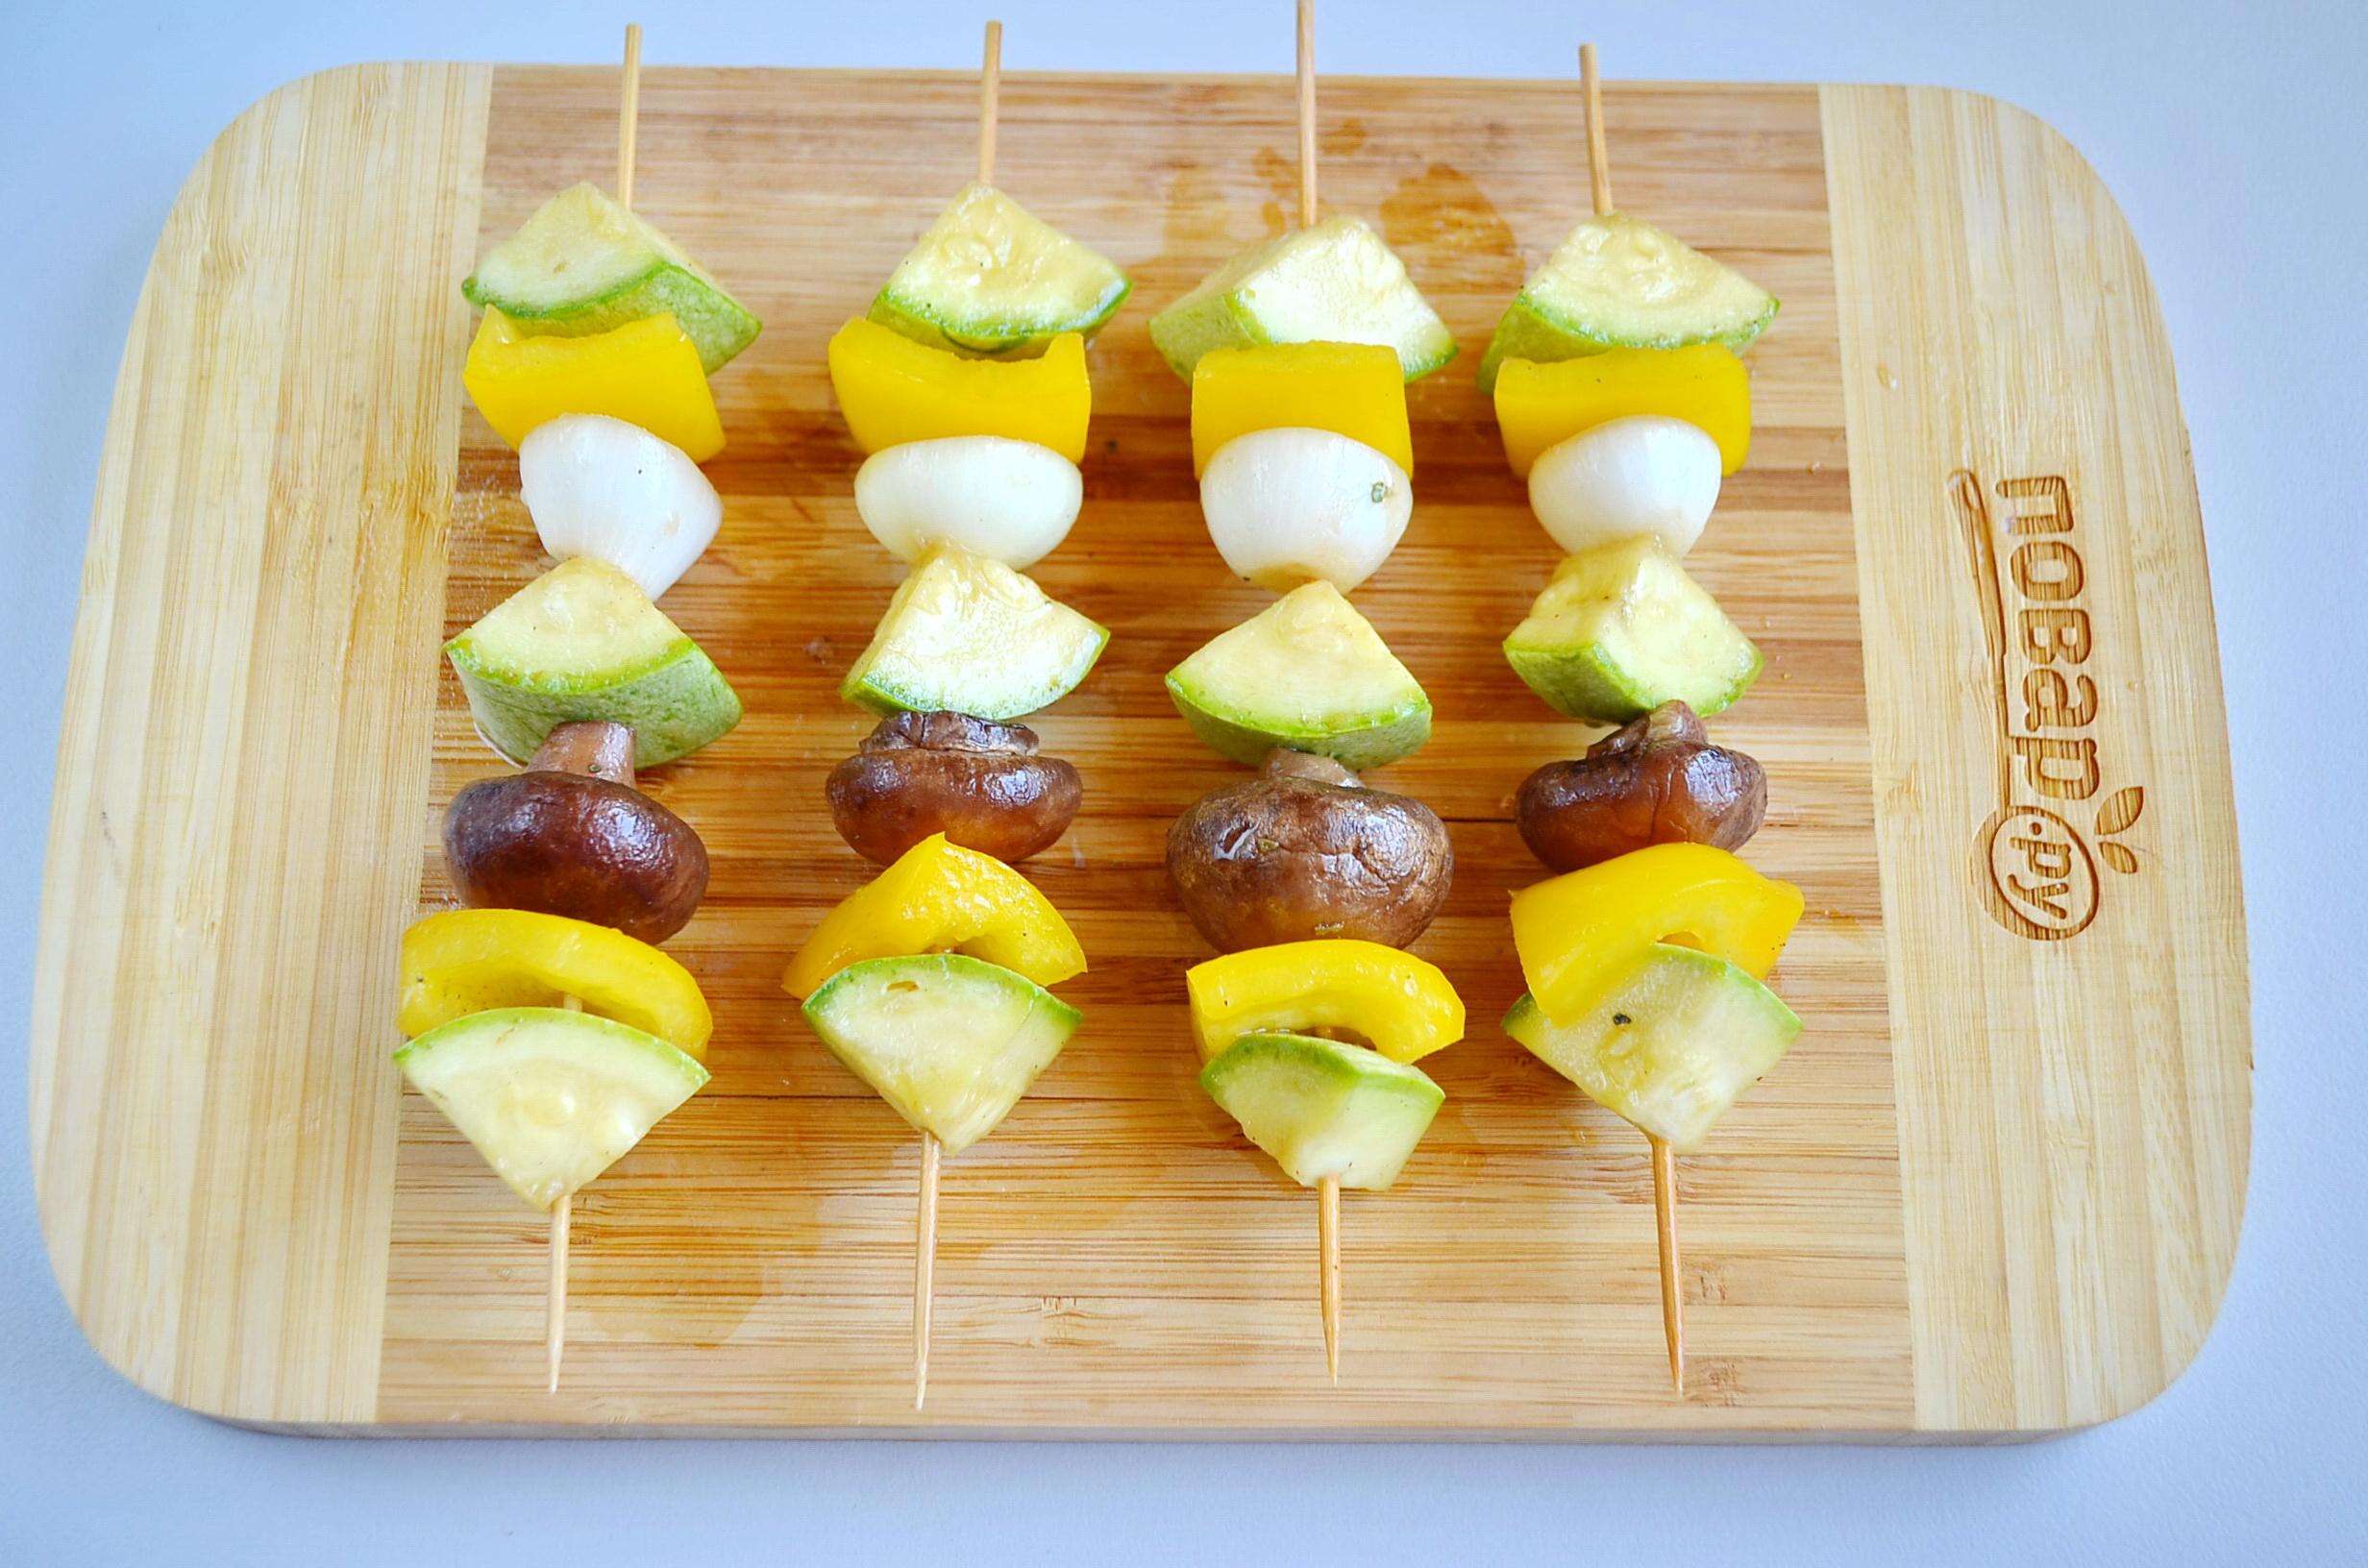 Овощи на гриле, шаг 4: нанизываем овощи на вымоченные шпажки